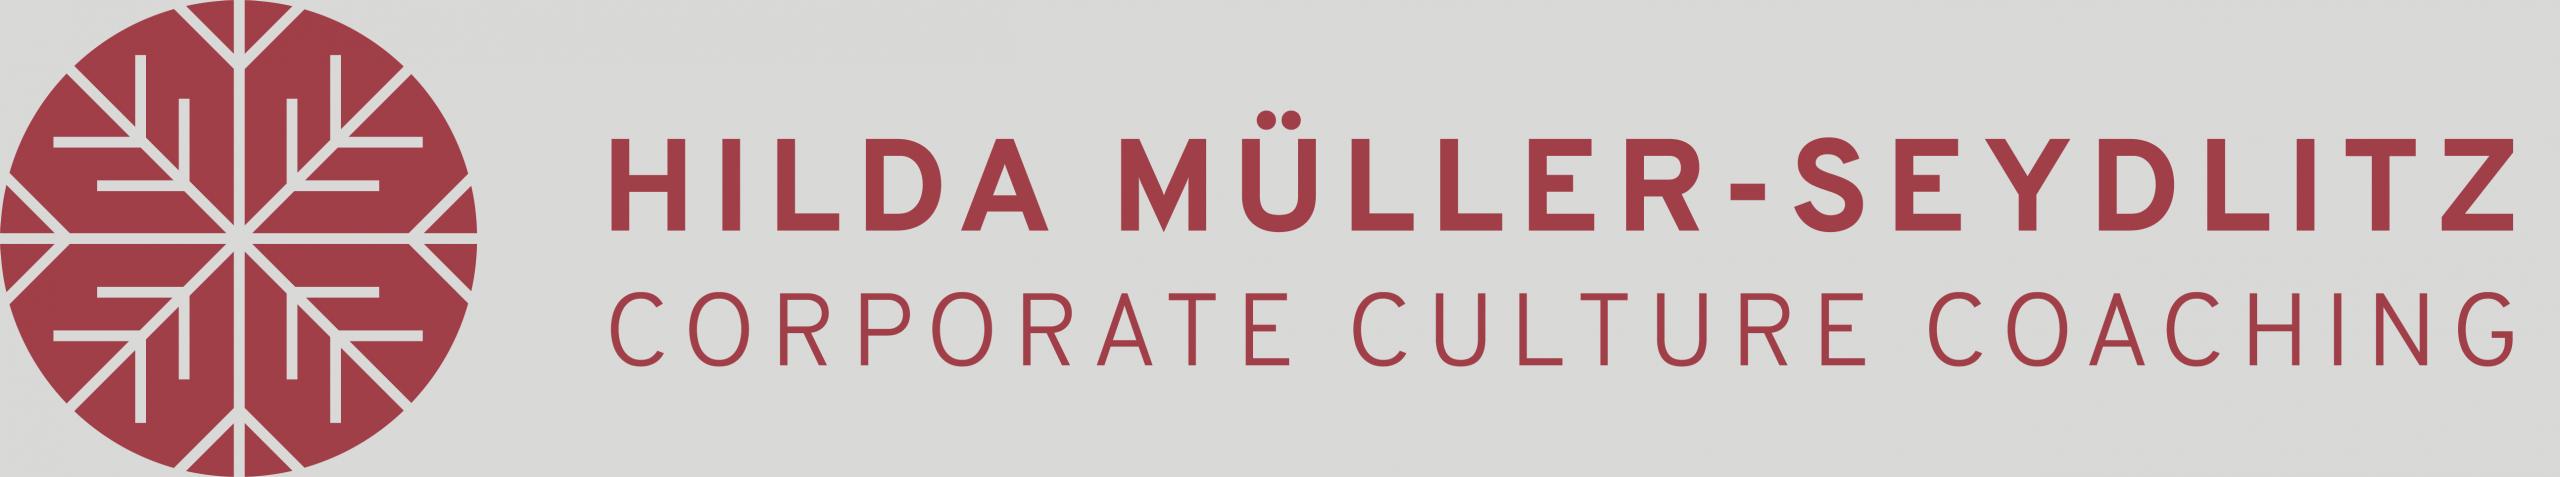 Hilda Müller-Seydlitz Logo